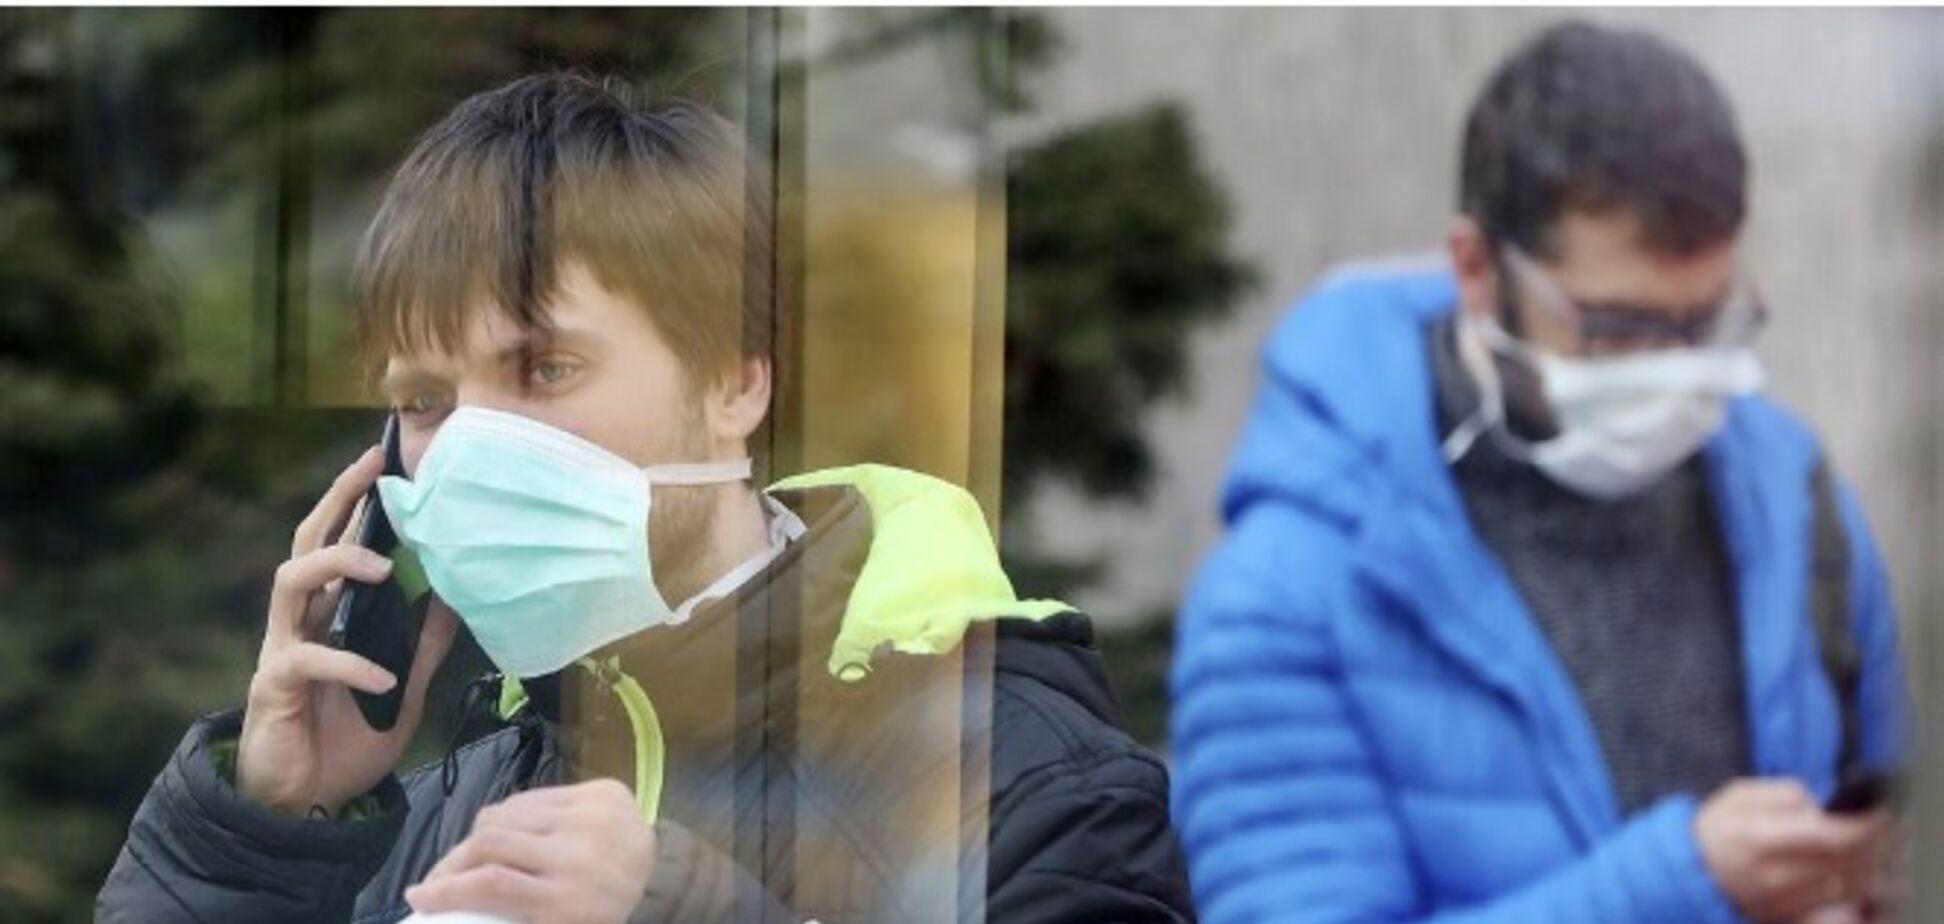 Особенности протекания COVID-19: чем отличается от обычного гриппа